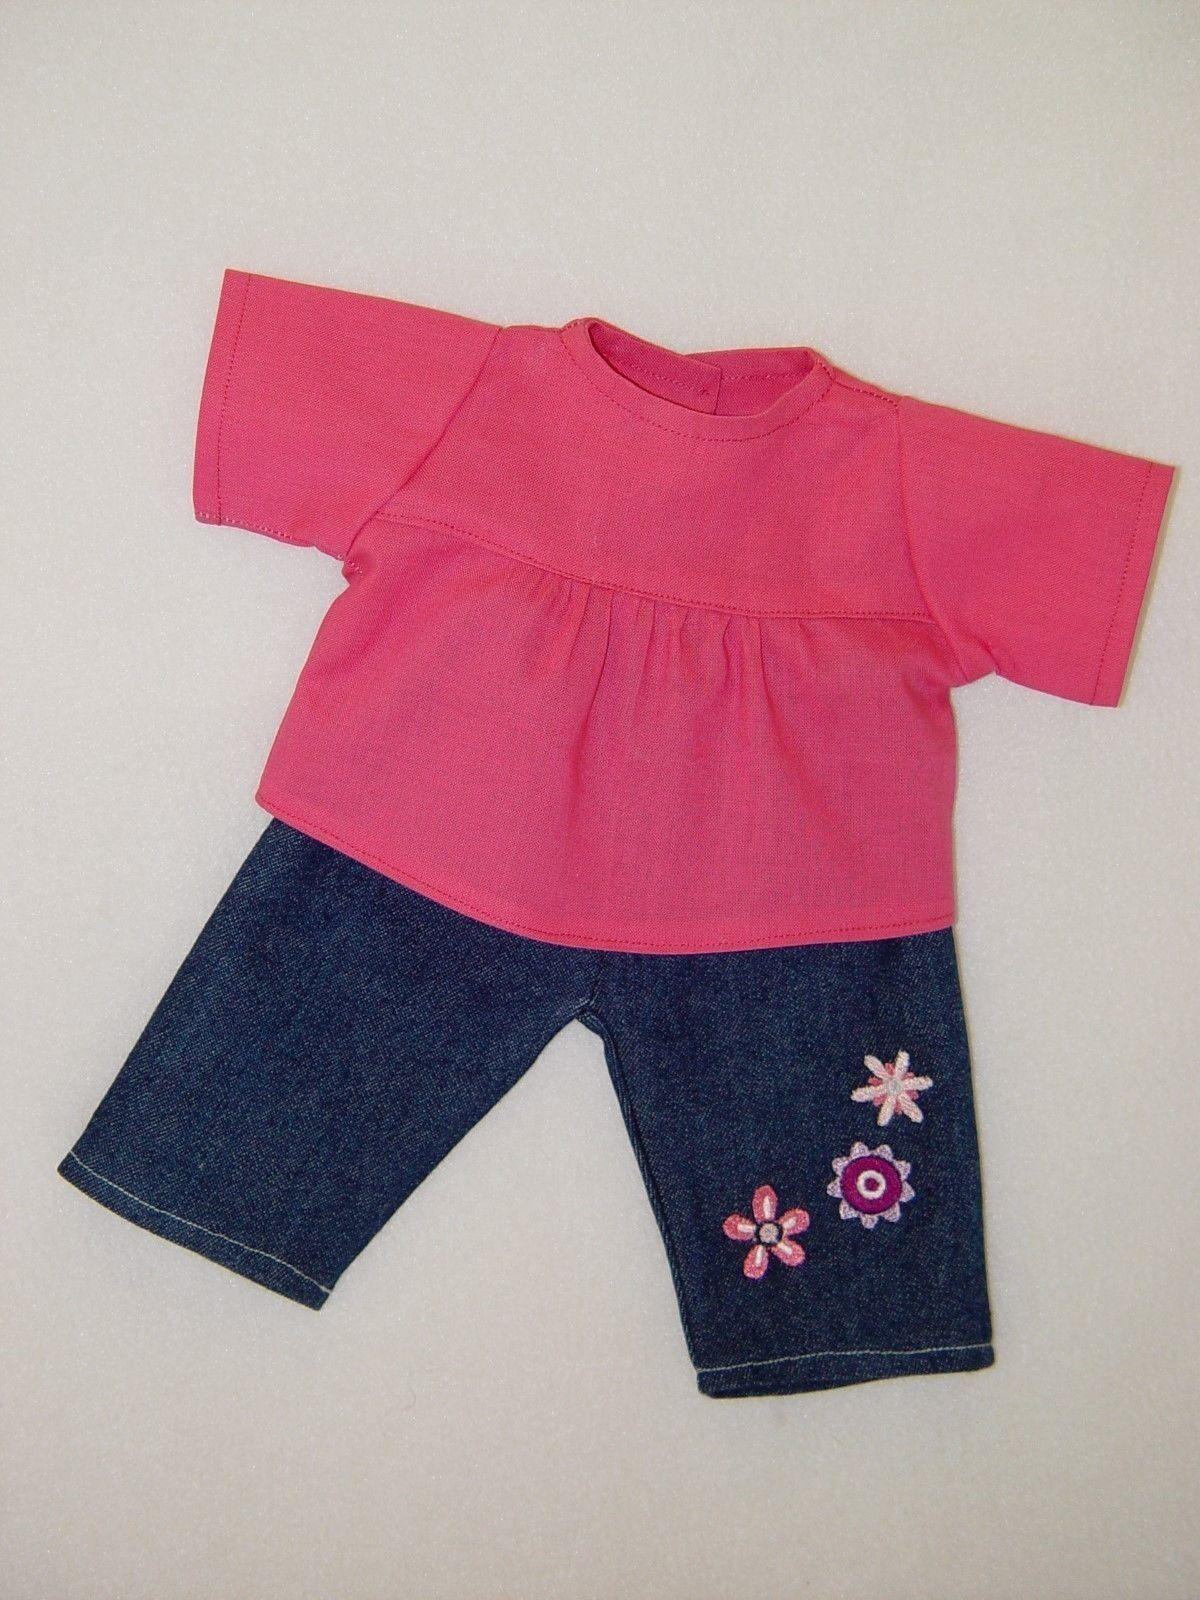 Spielzeug Kleidung Schlafanzug 36 Cm Little Chou Chou Affe Puppenkleidung Passend F